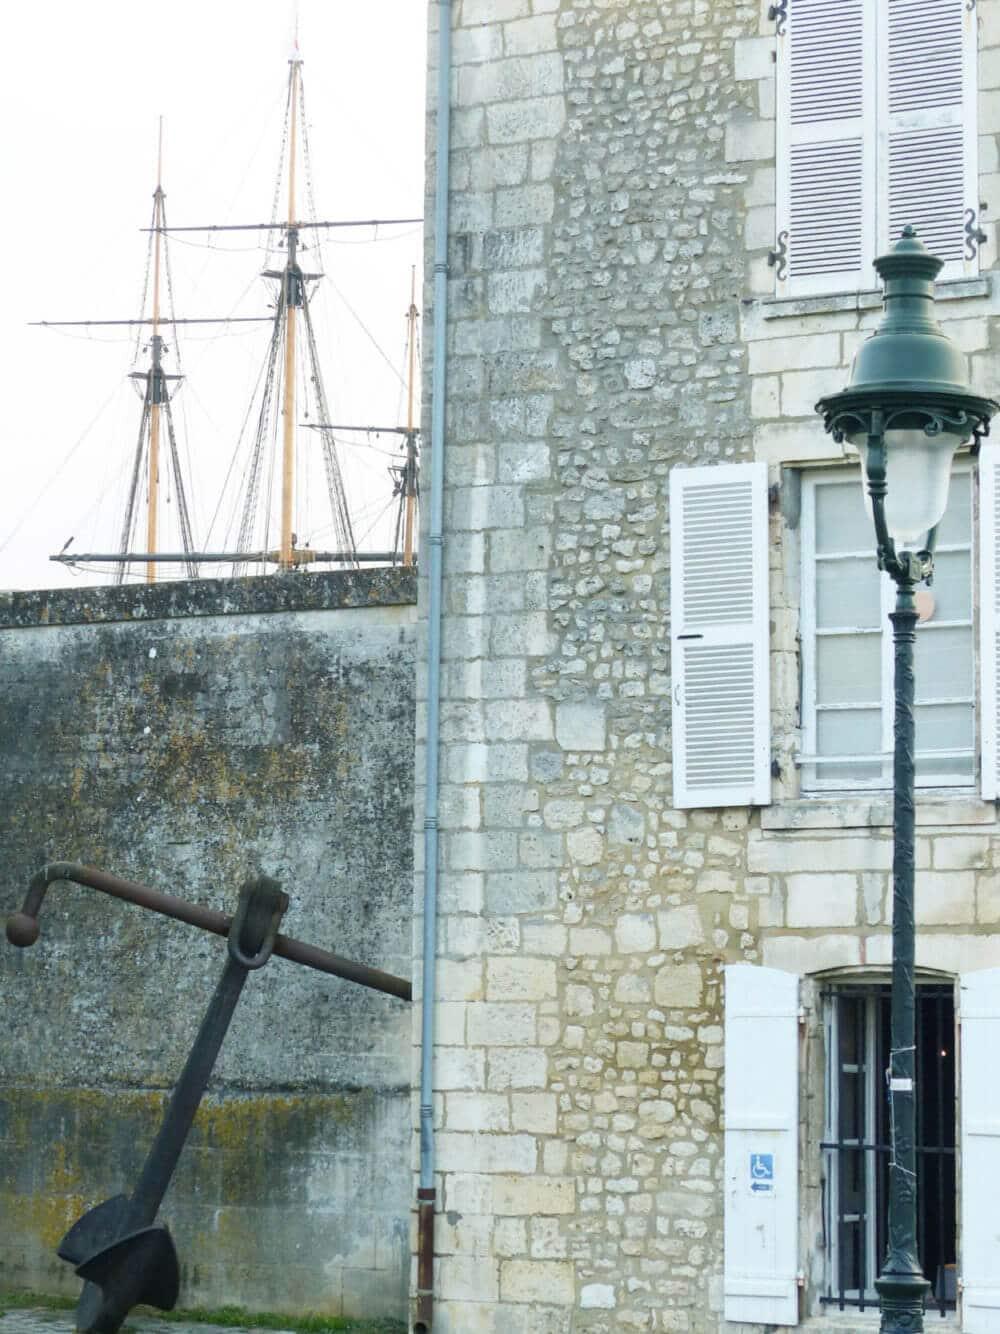 Arrivée a Rochefort Charente-Maritime